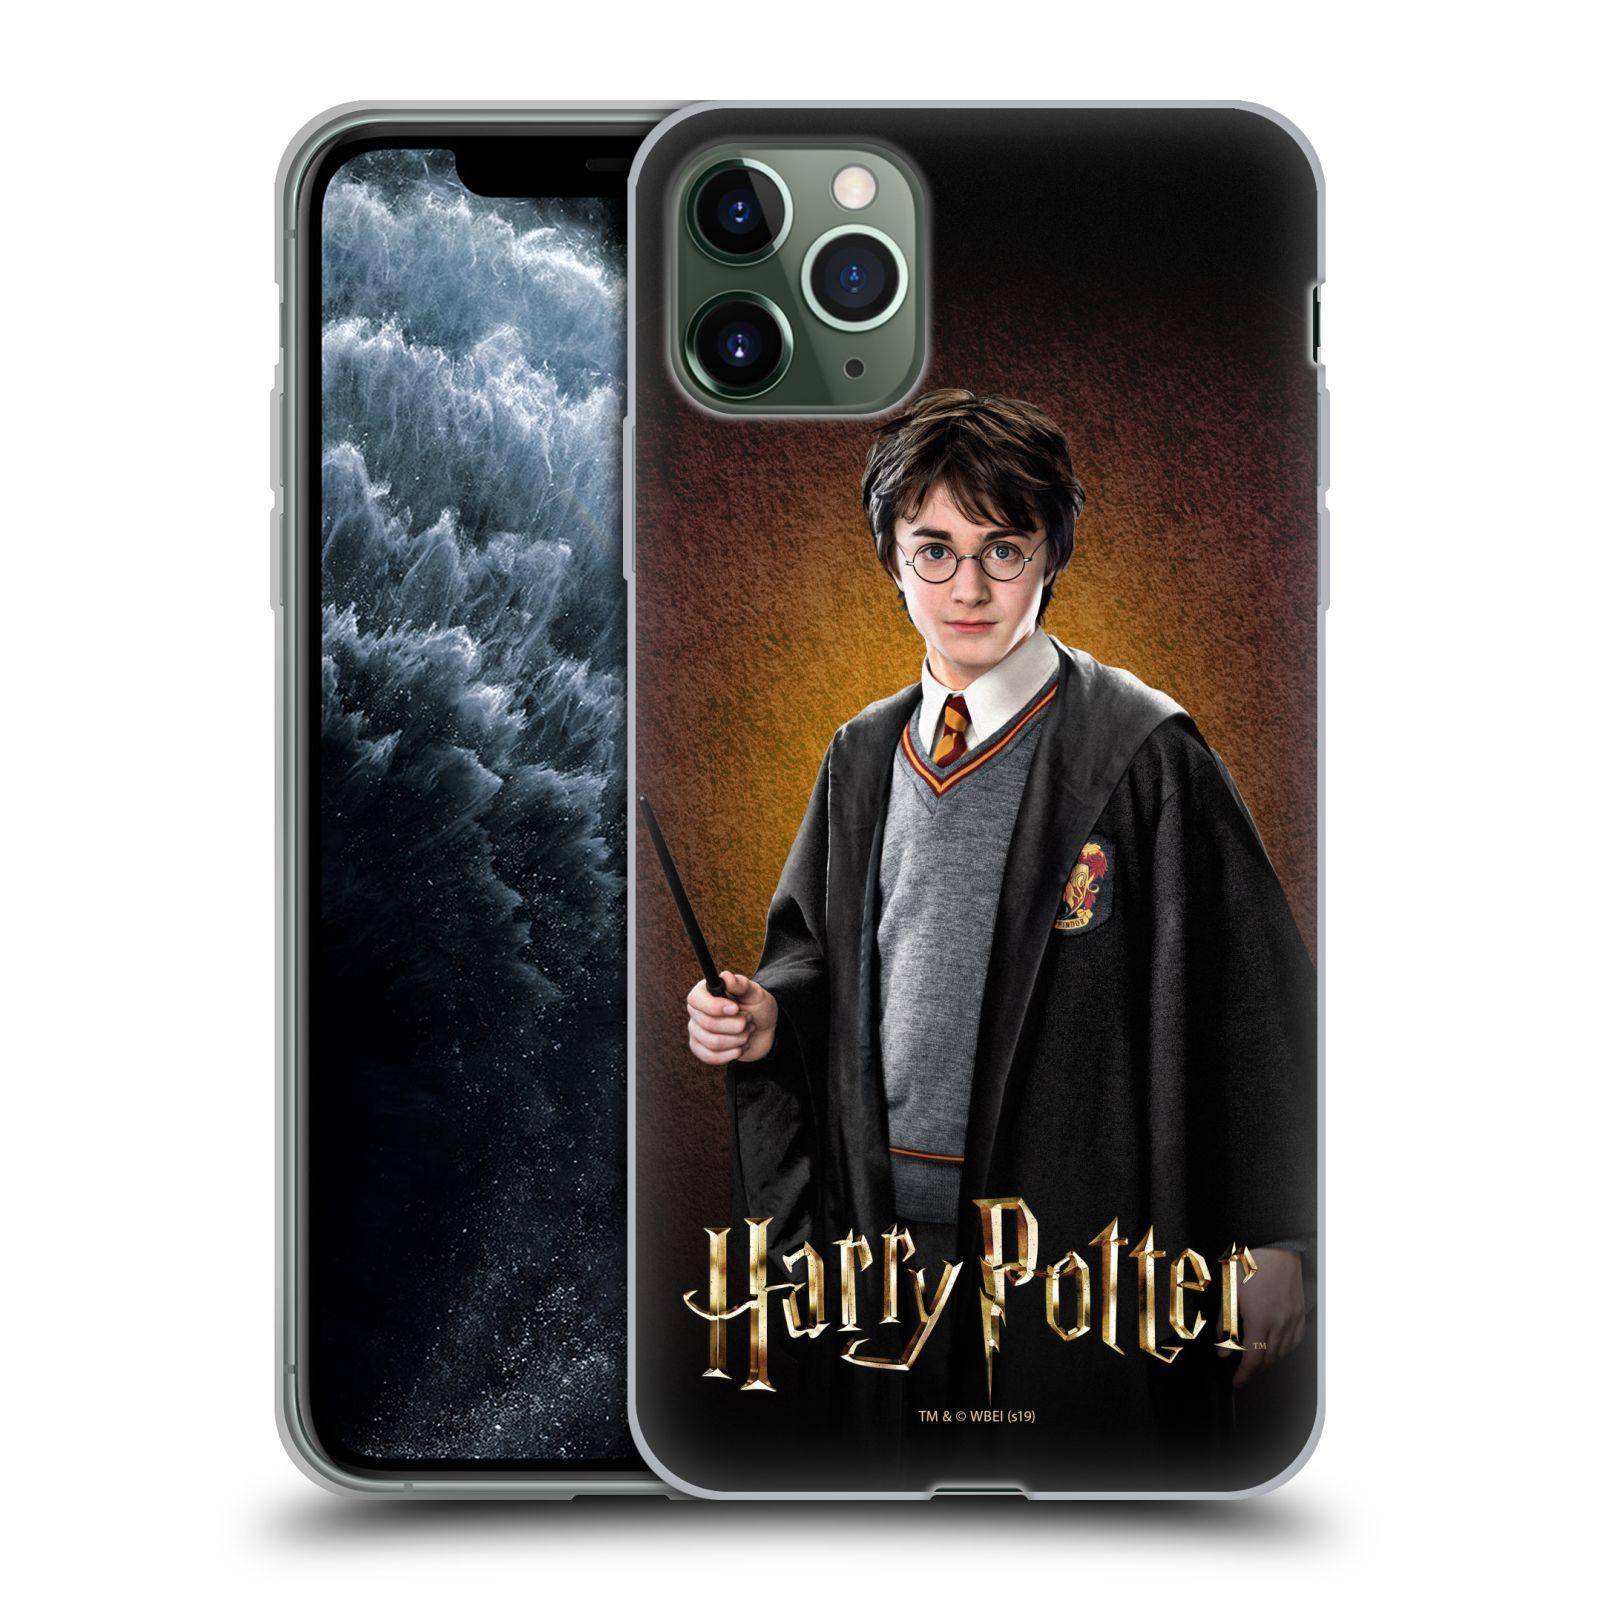 Silikonové pouzdro na mobil Apple iPhone 11 Pro Max - Harry Potter - Malý Harry Potter